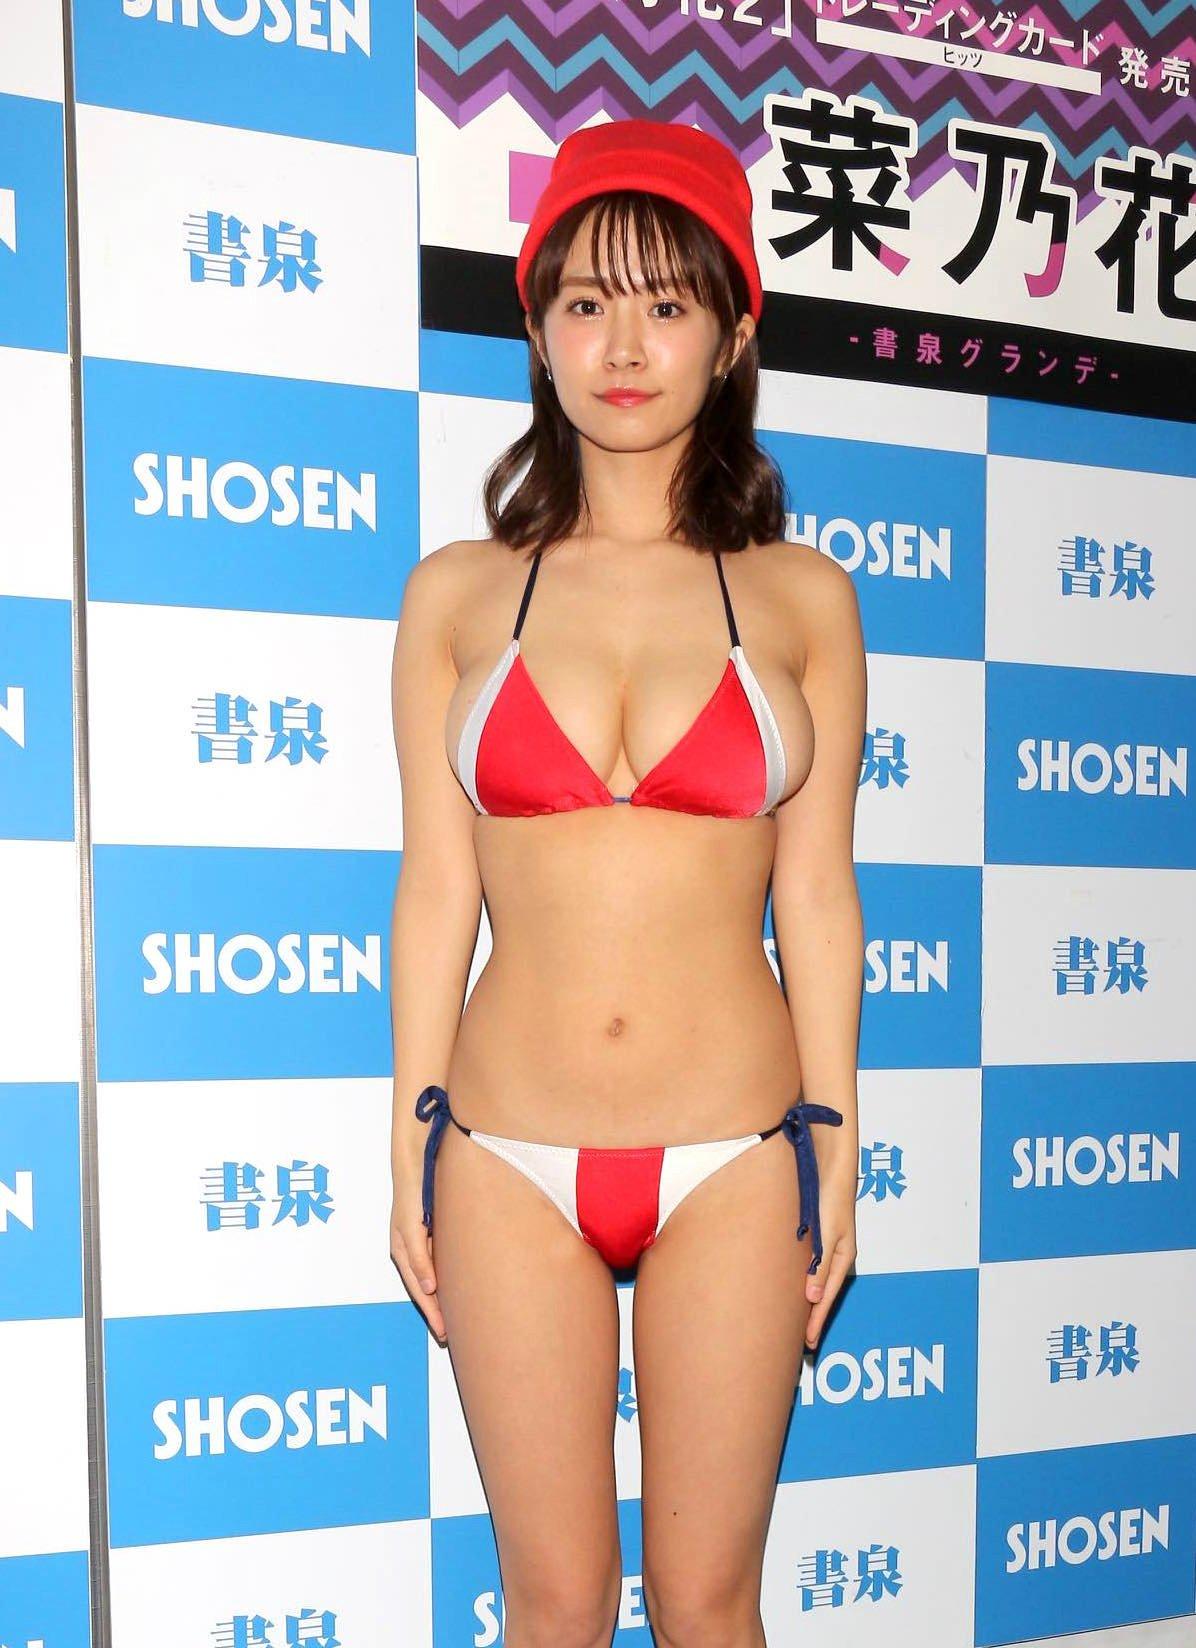 菜乃花「キス600回」を経験し、慣れてきた!?【写真18枚】の画像001